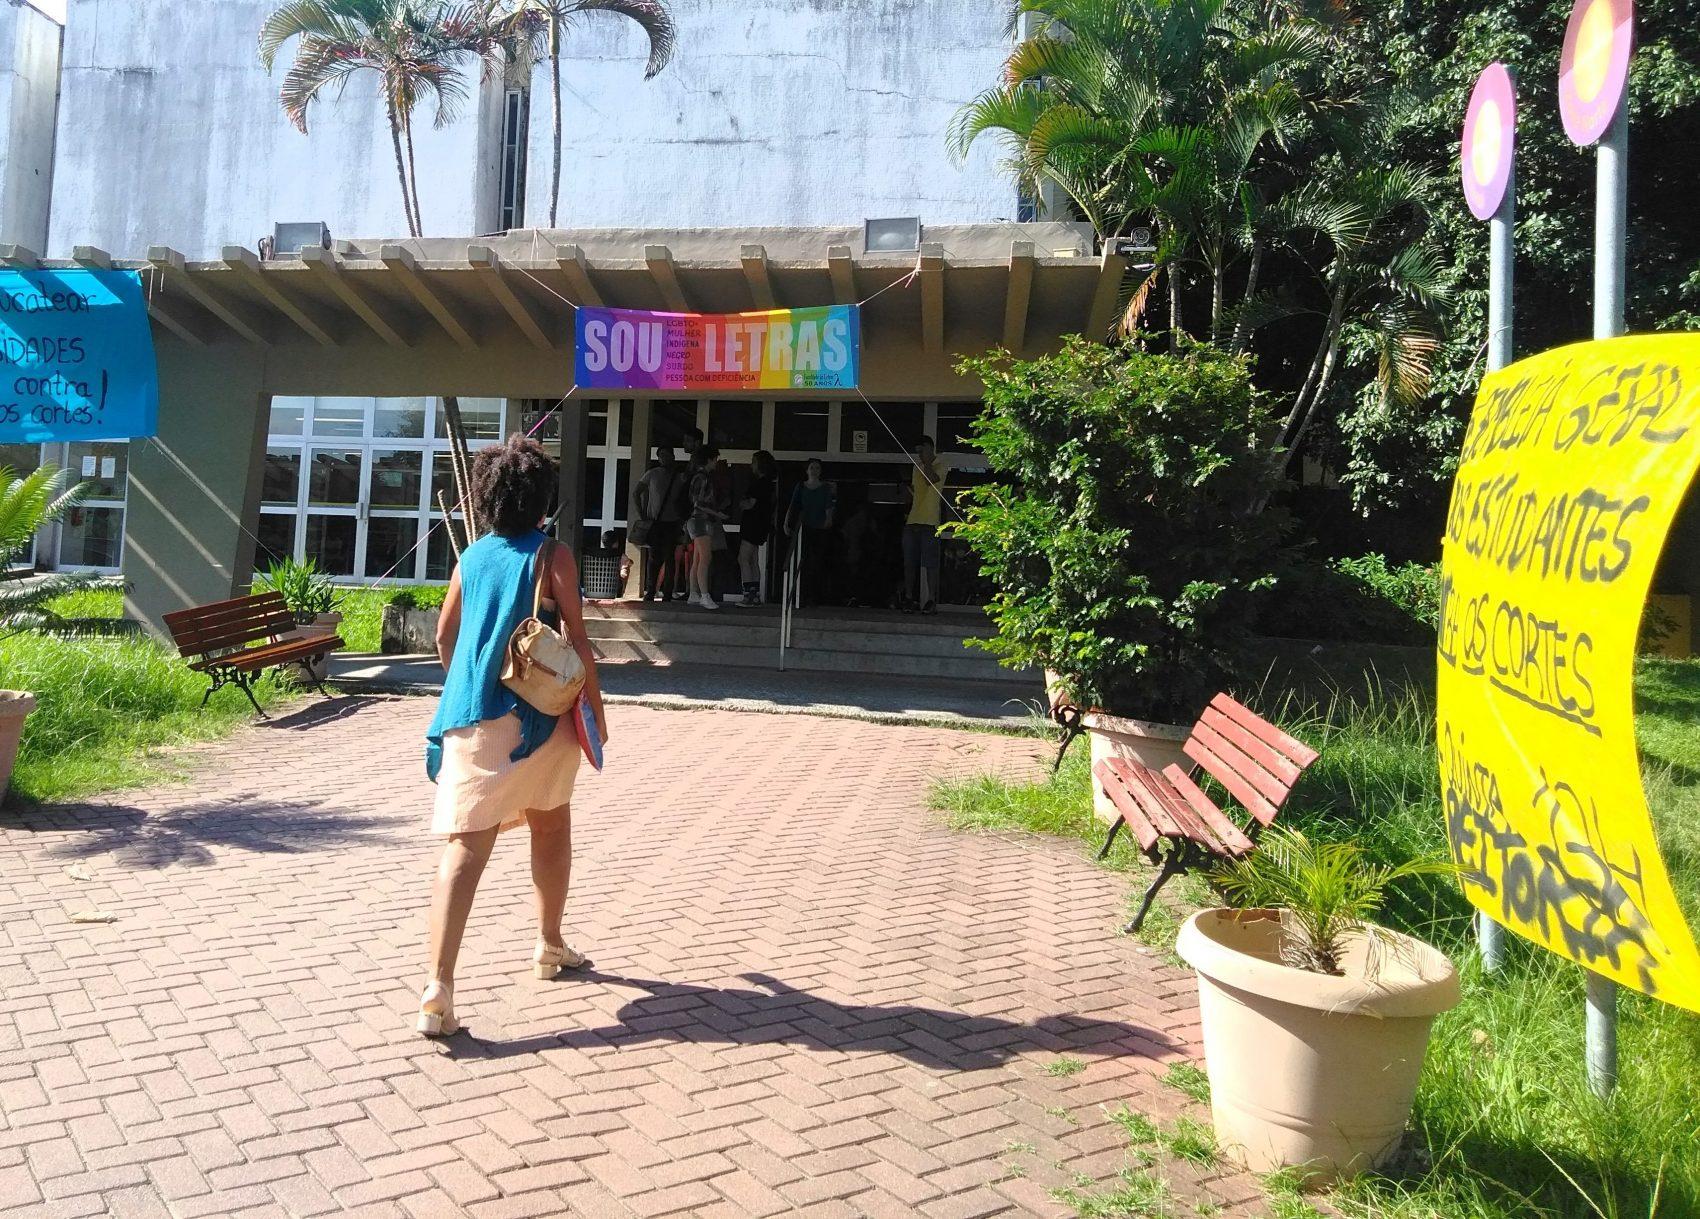 Faculdade de Letras da Ilha do Fundão tem o único fraldário do campus com mais de 30 mil alunos (Foto Bárbara Lopes)